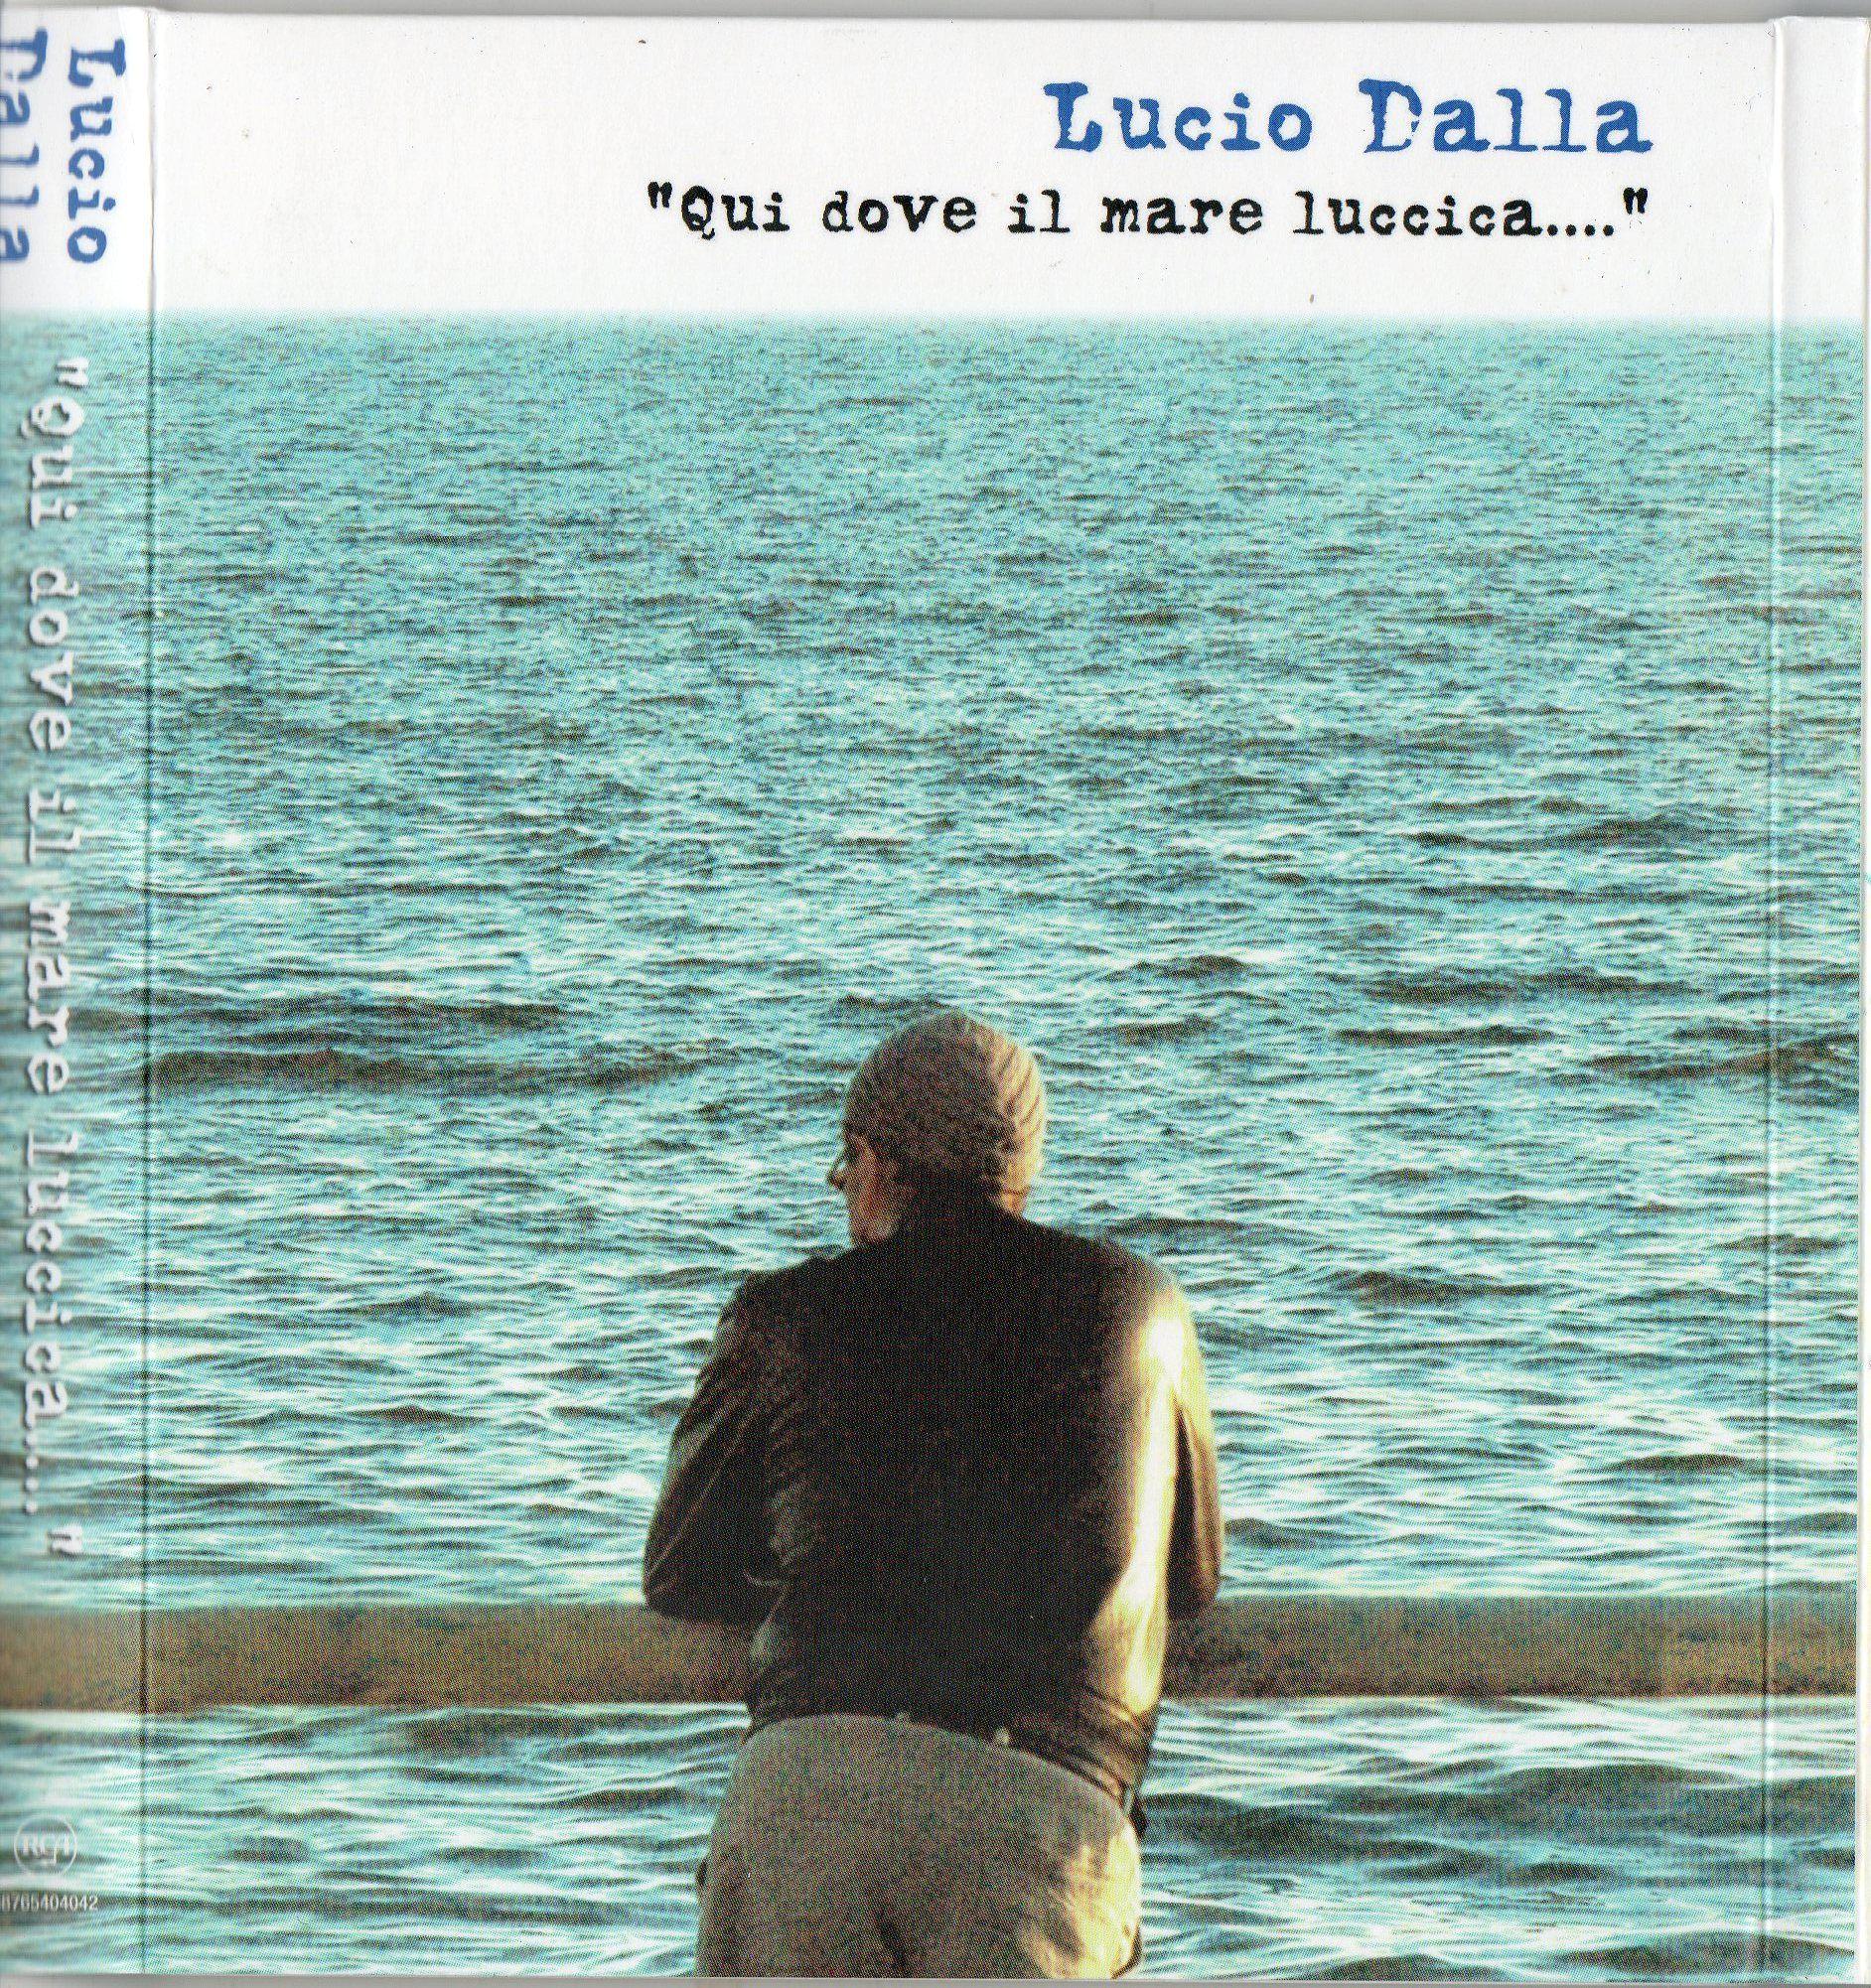 Lucio Dalla - Qui Dove Il Mare Luccica album cover